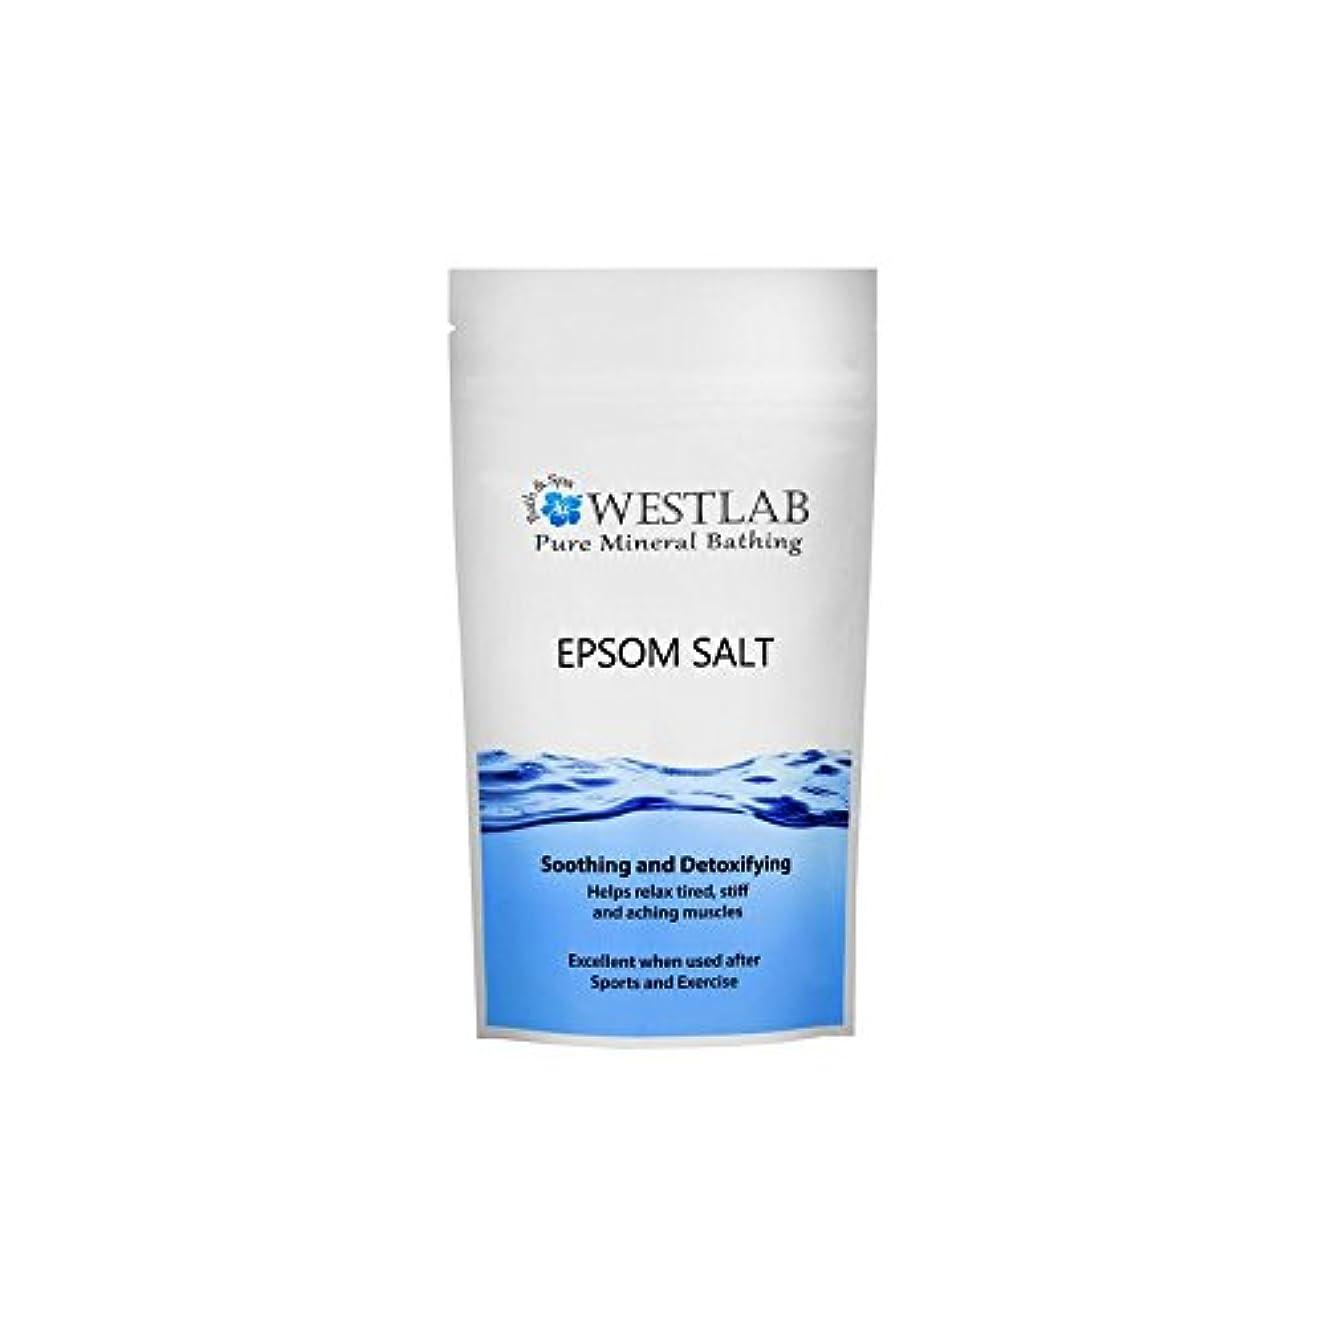 虹大陸静かなエプソム塩の1キロ x4 - Westlab Epsom Salt 1kg (Pack of 4) [並行輸入品]